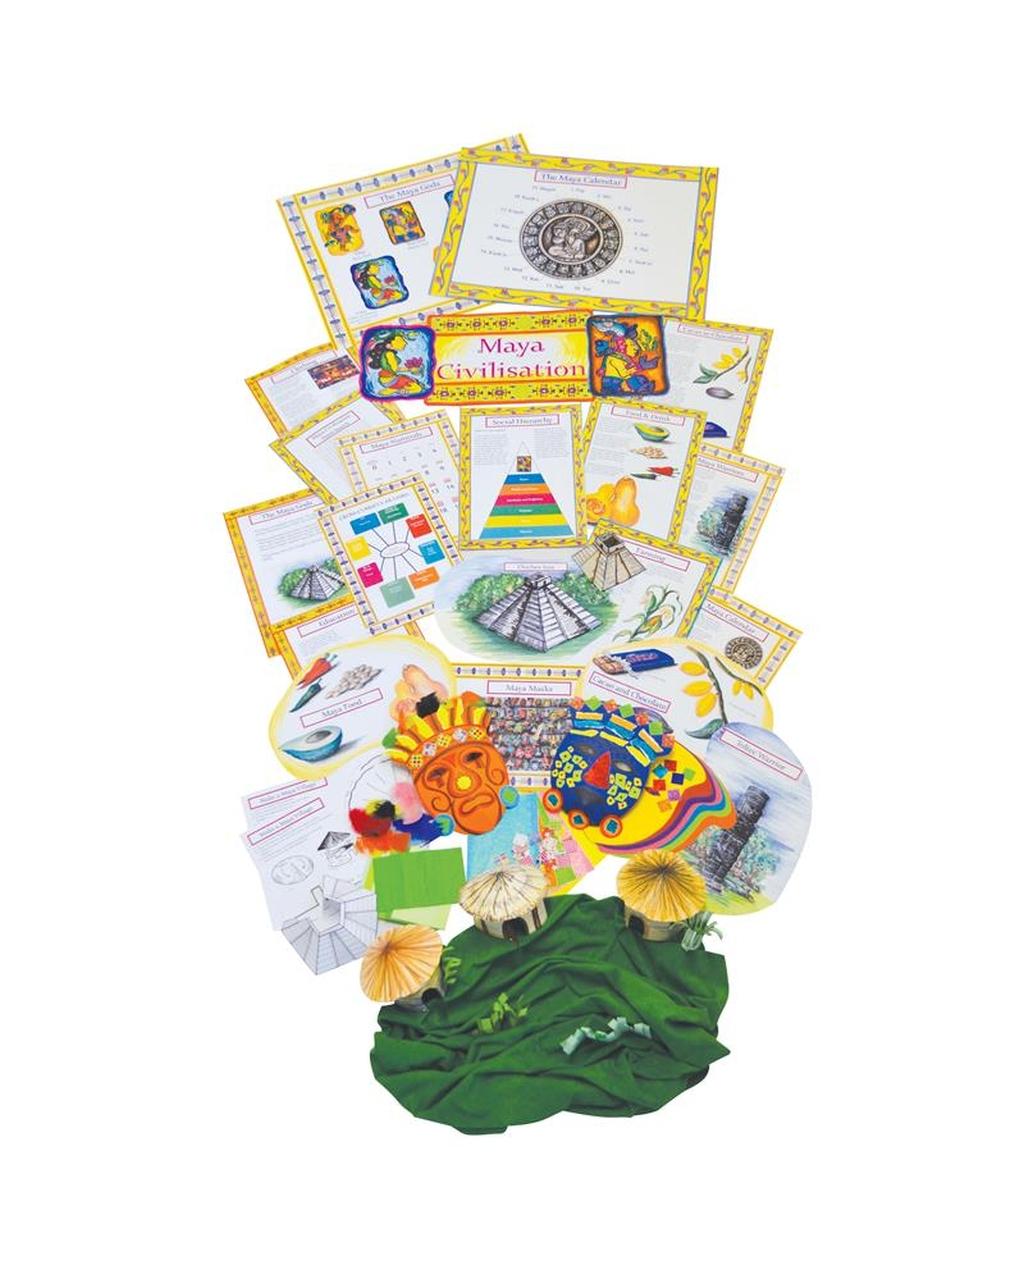 Maya Civilisation History Display Pack